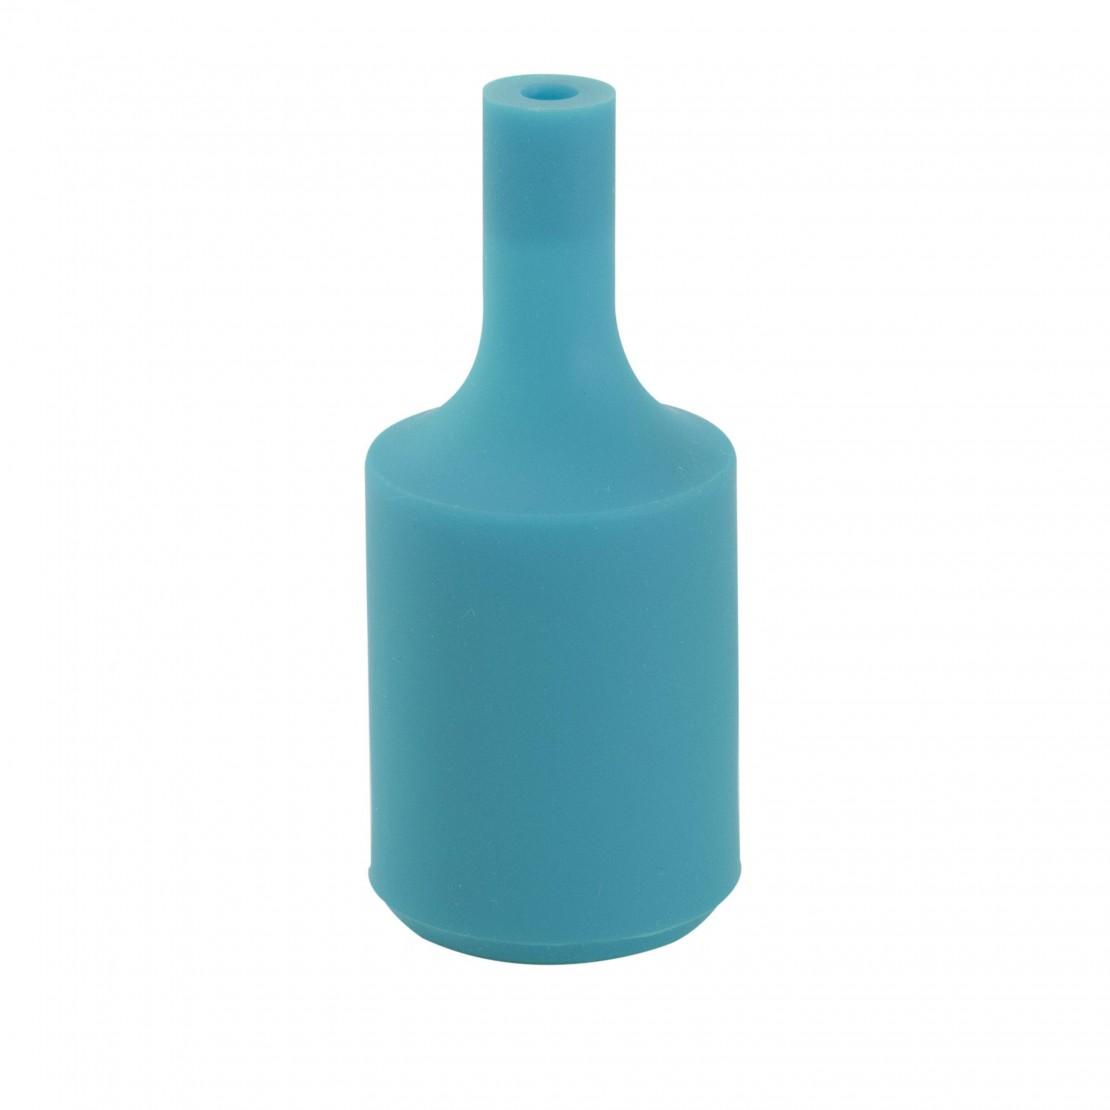 Casquilho E27 silicone Pavao azul